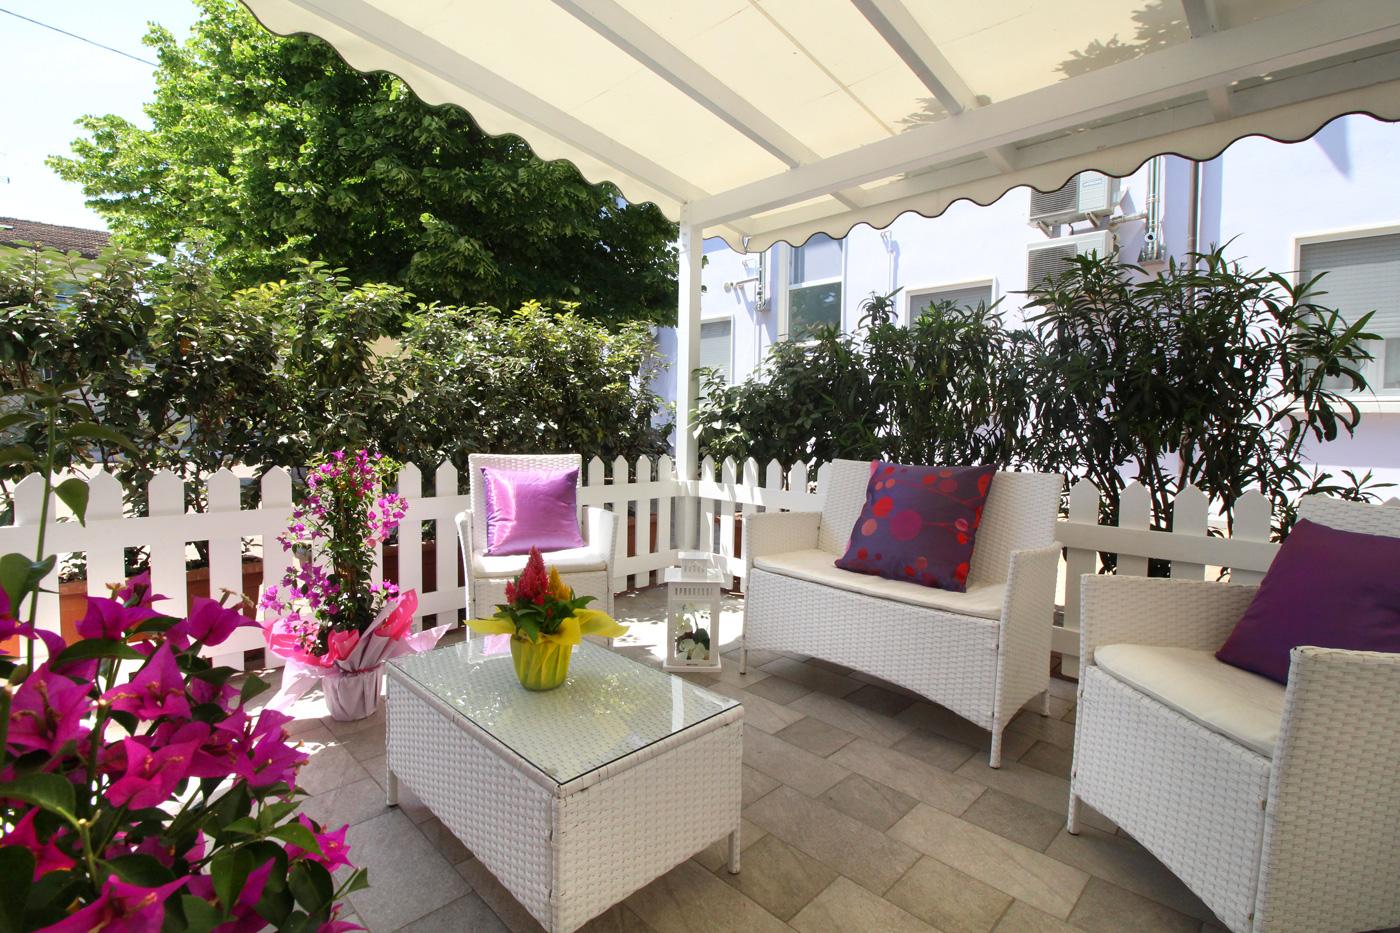 Appartamento la casina di gatteo_romagna case vacanze_IMG_8253_2